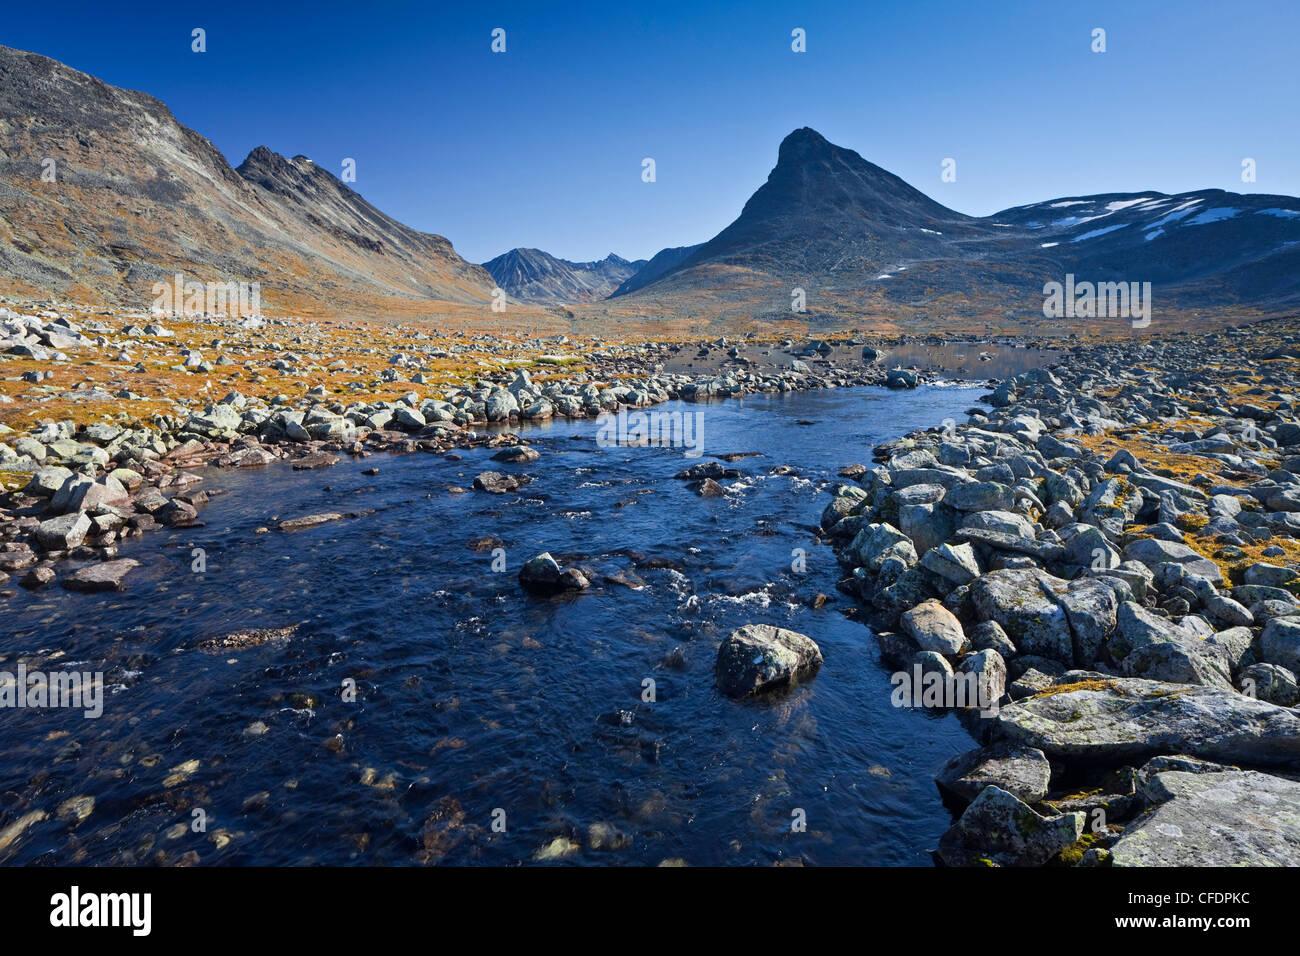 Leira river under blue sky, Jotunheimen National Park, Kyrkja, Norway, Europe - Stock Image